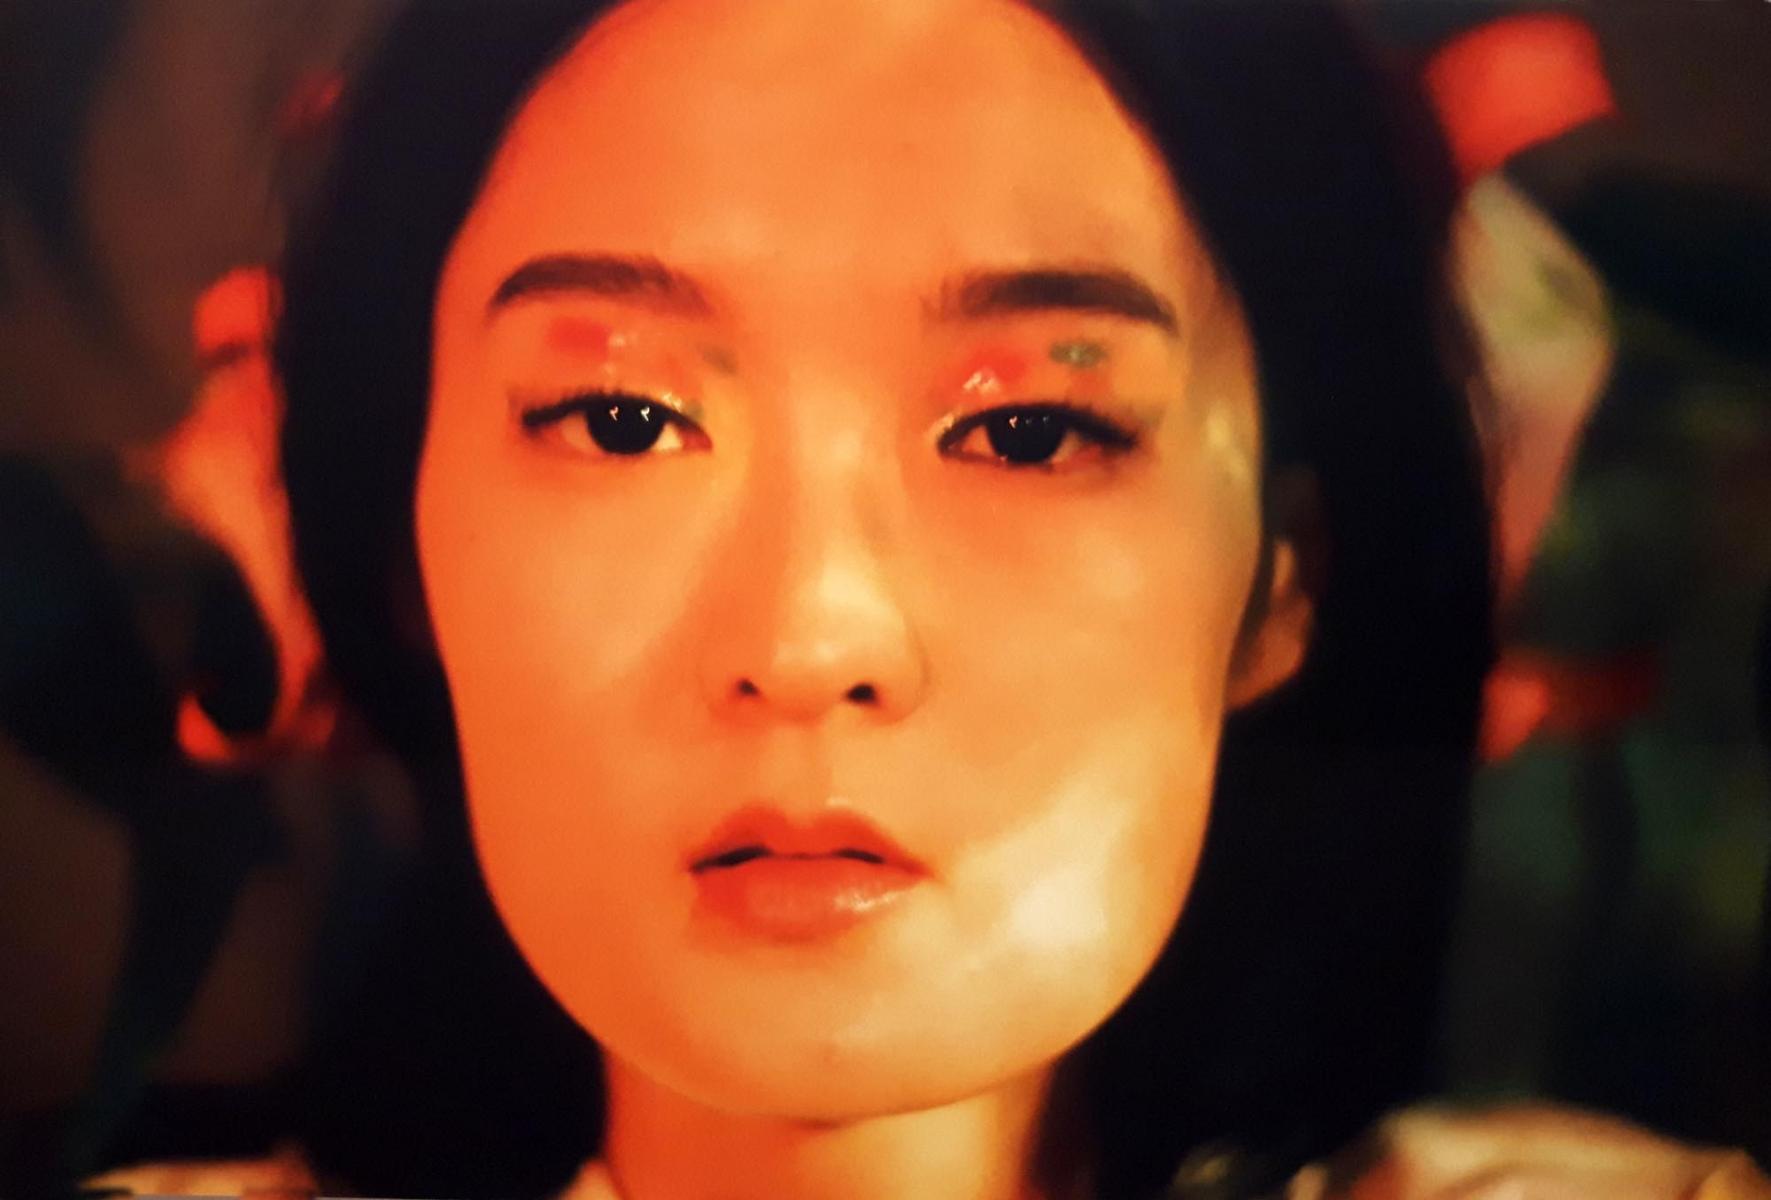 Yoonkyung-Jang-6